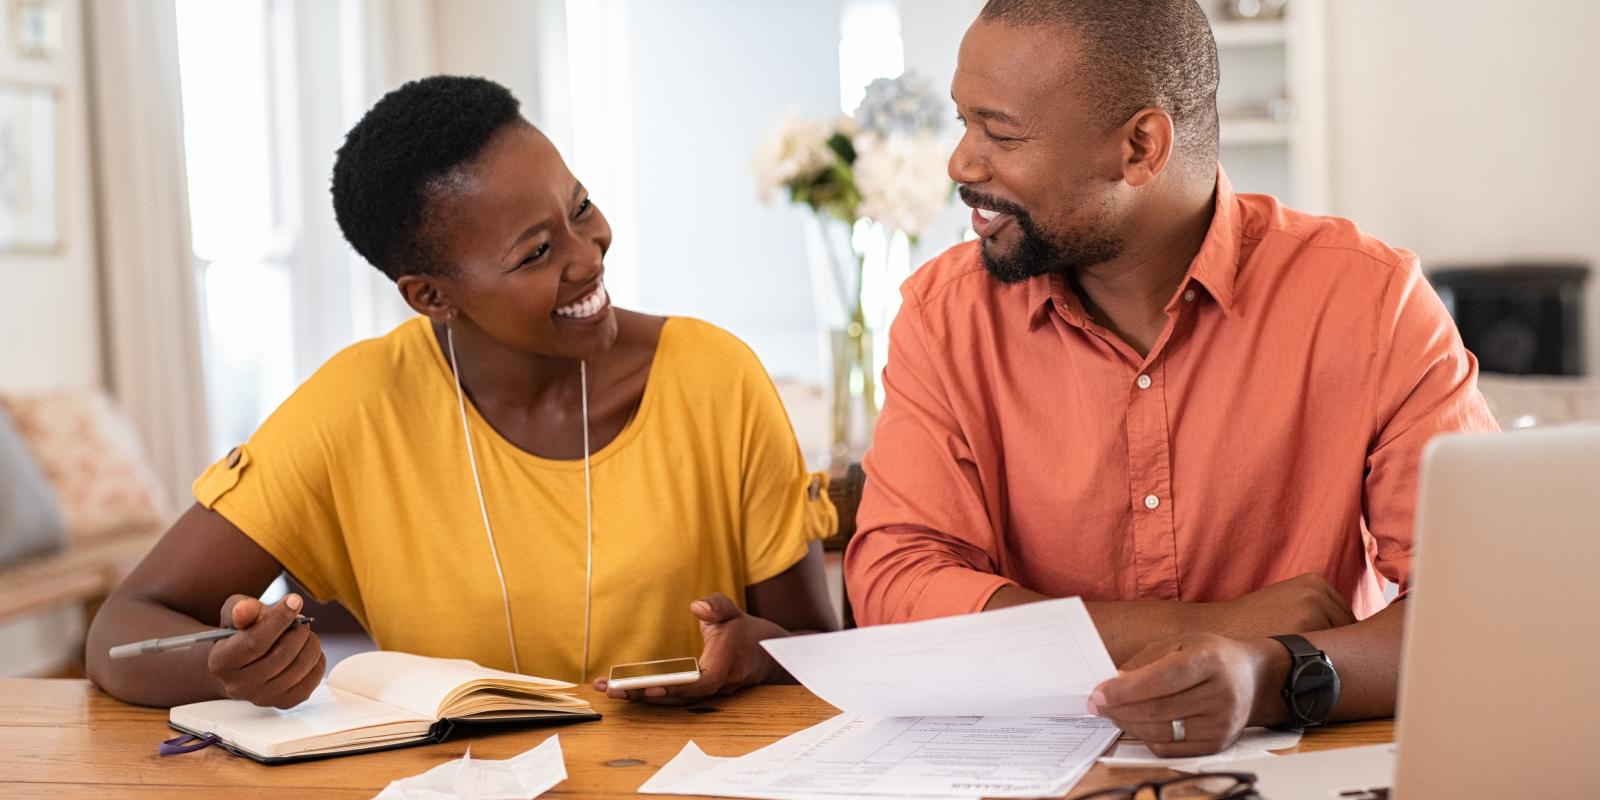 Descontos no benefício do INSS: saiba o que fazer no caso de débitos indevidos